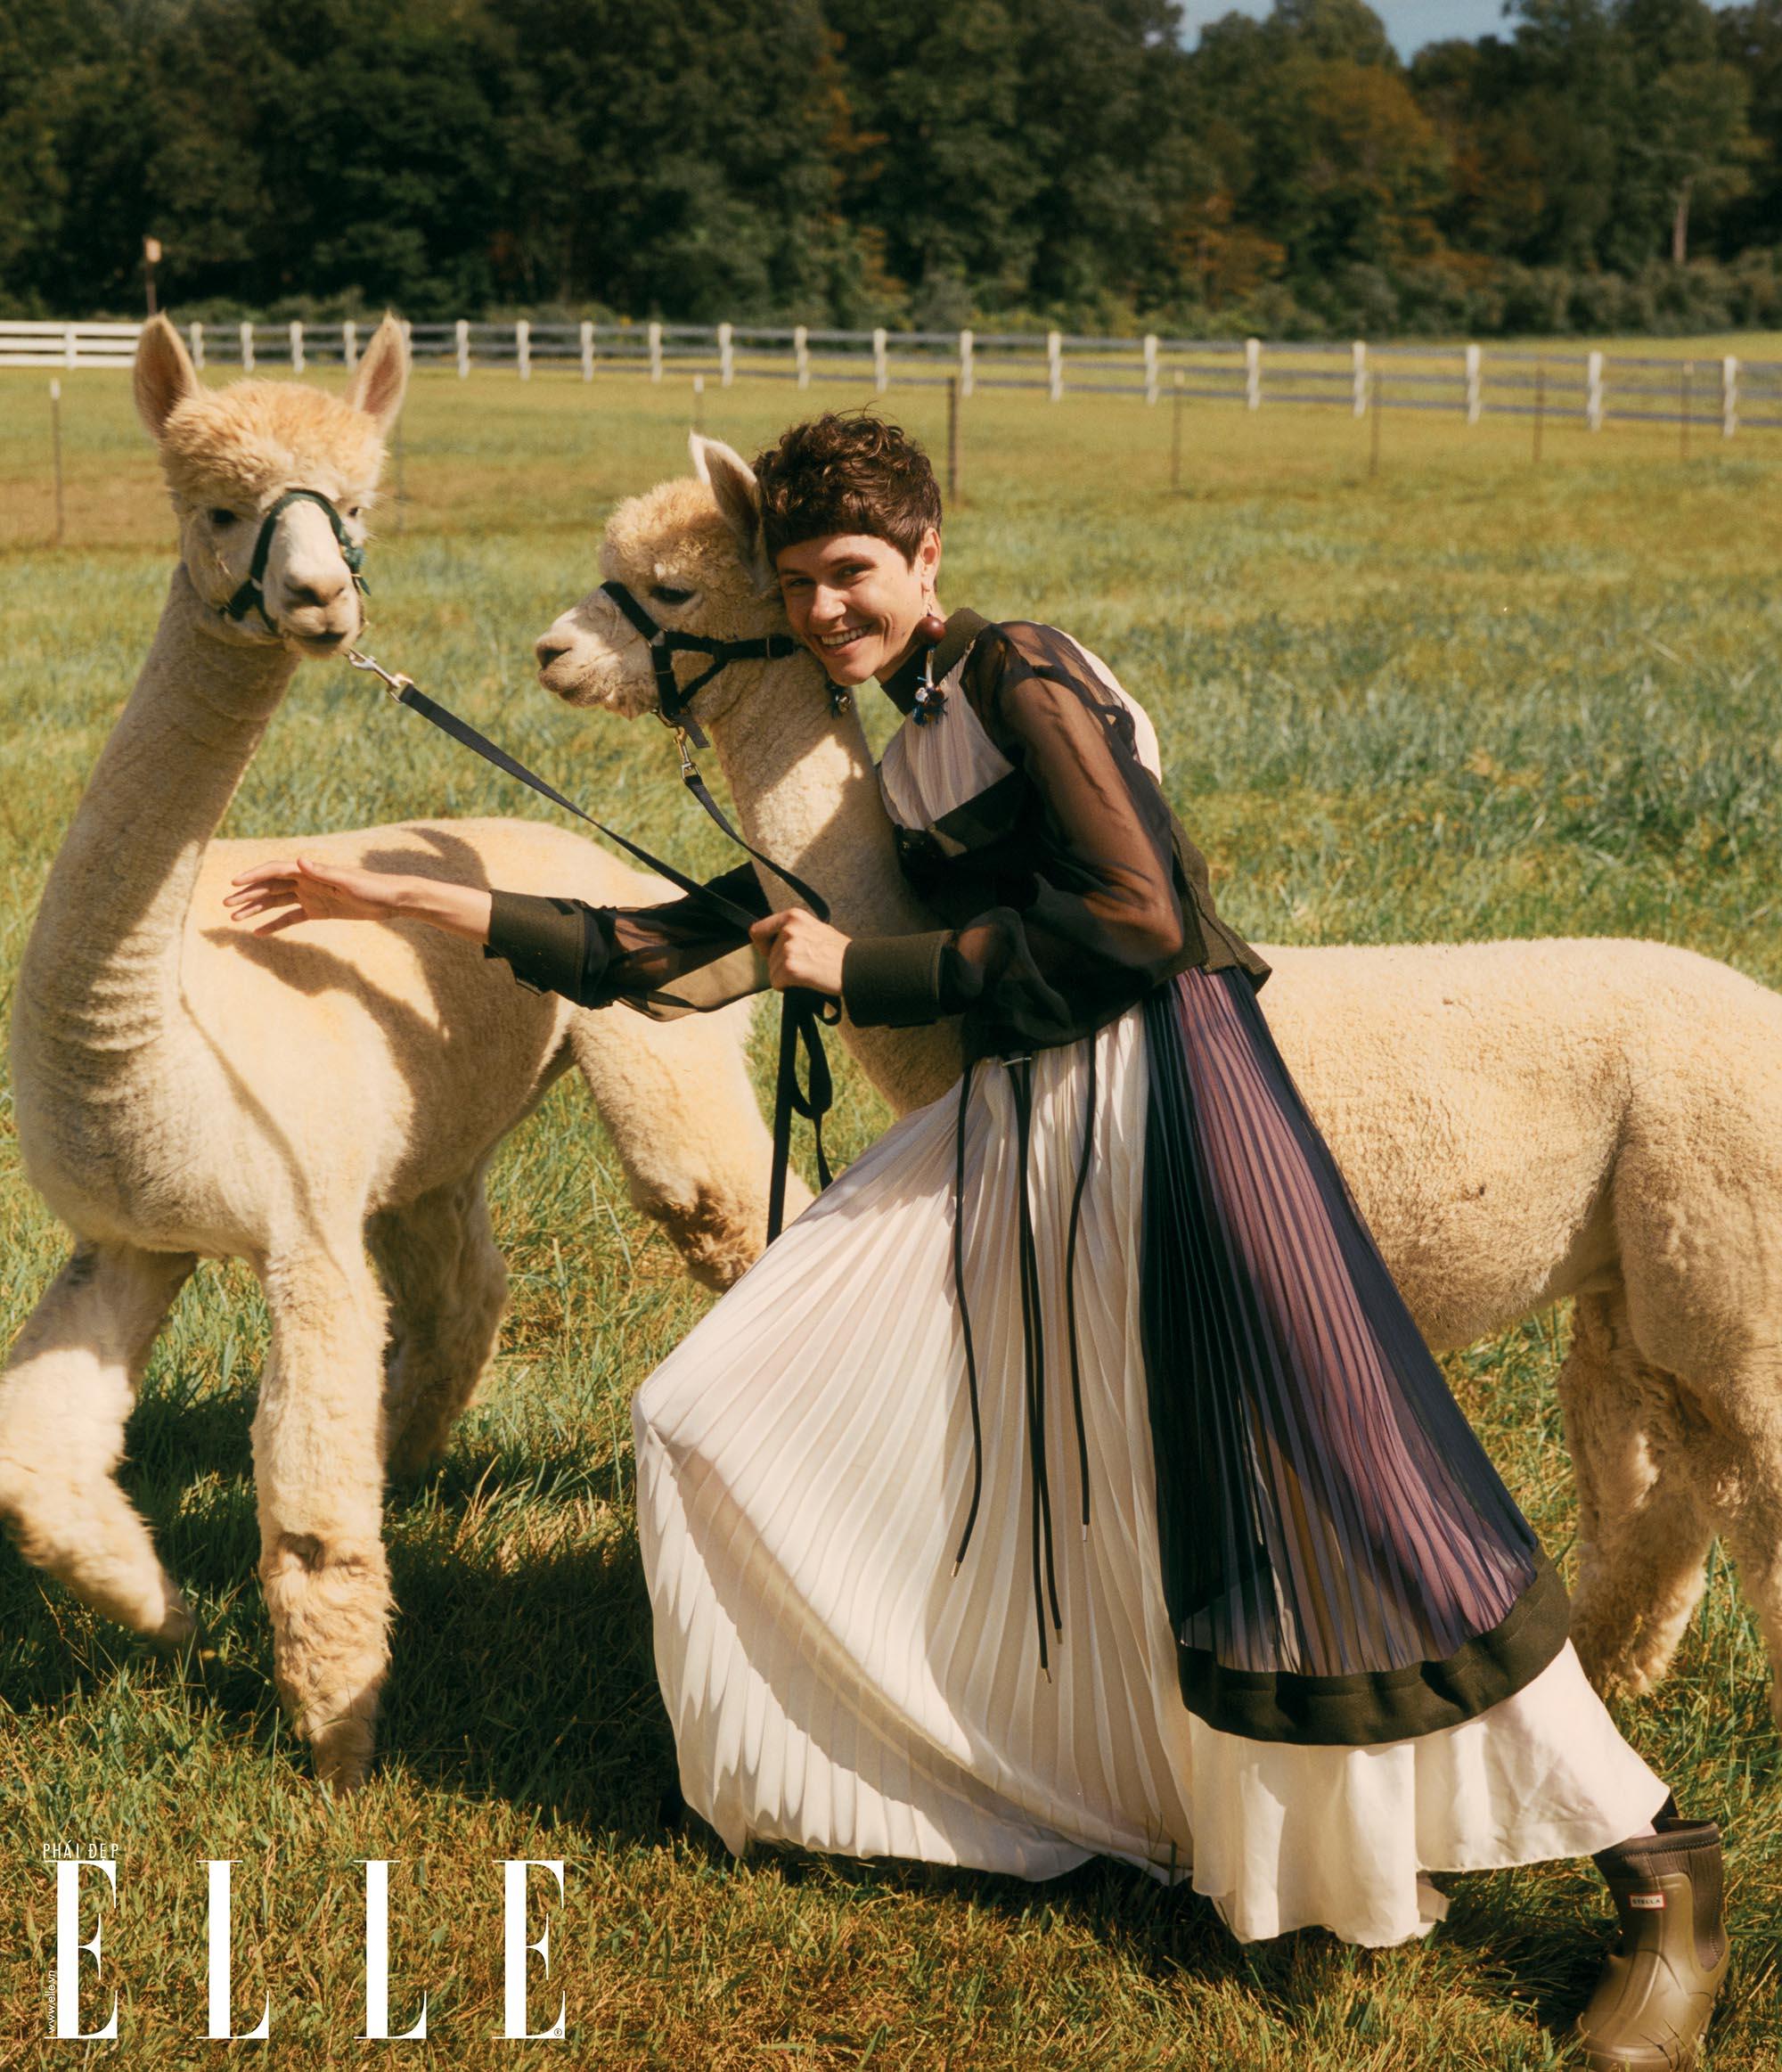 bộ ảnh người mẫu nữ chơi đùa cùng bầy dê